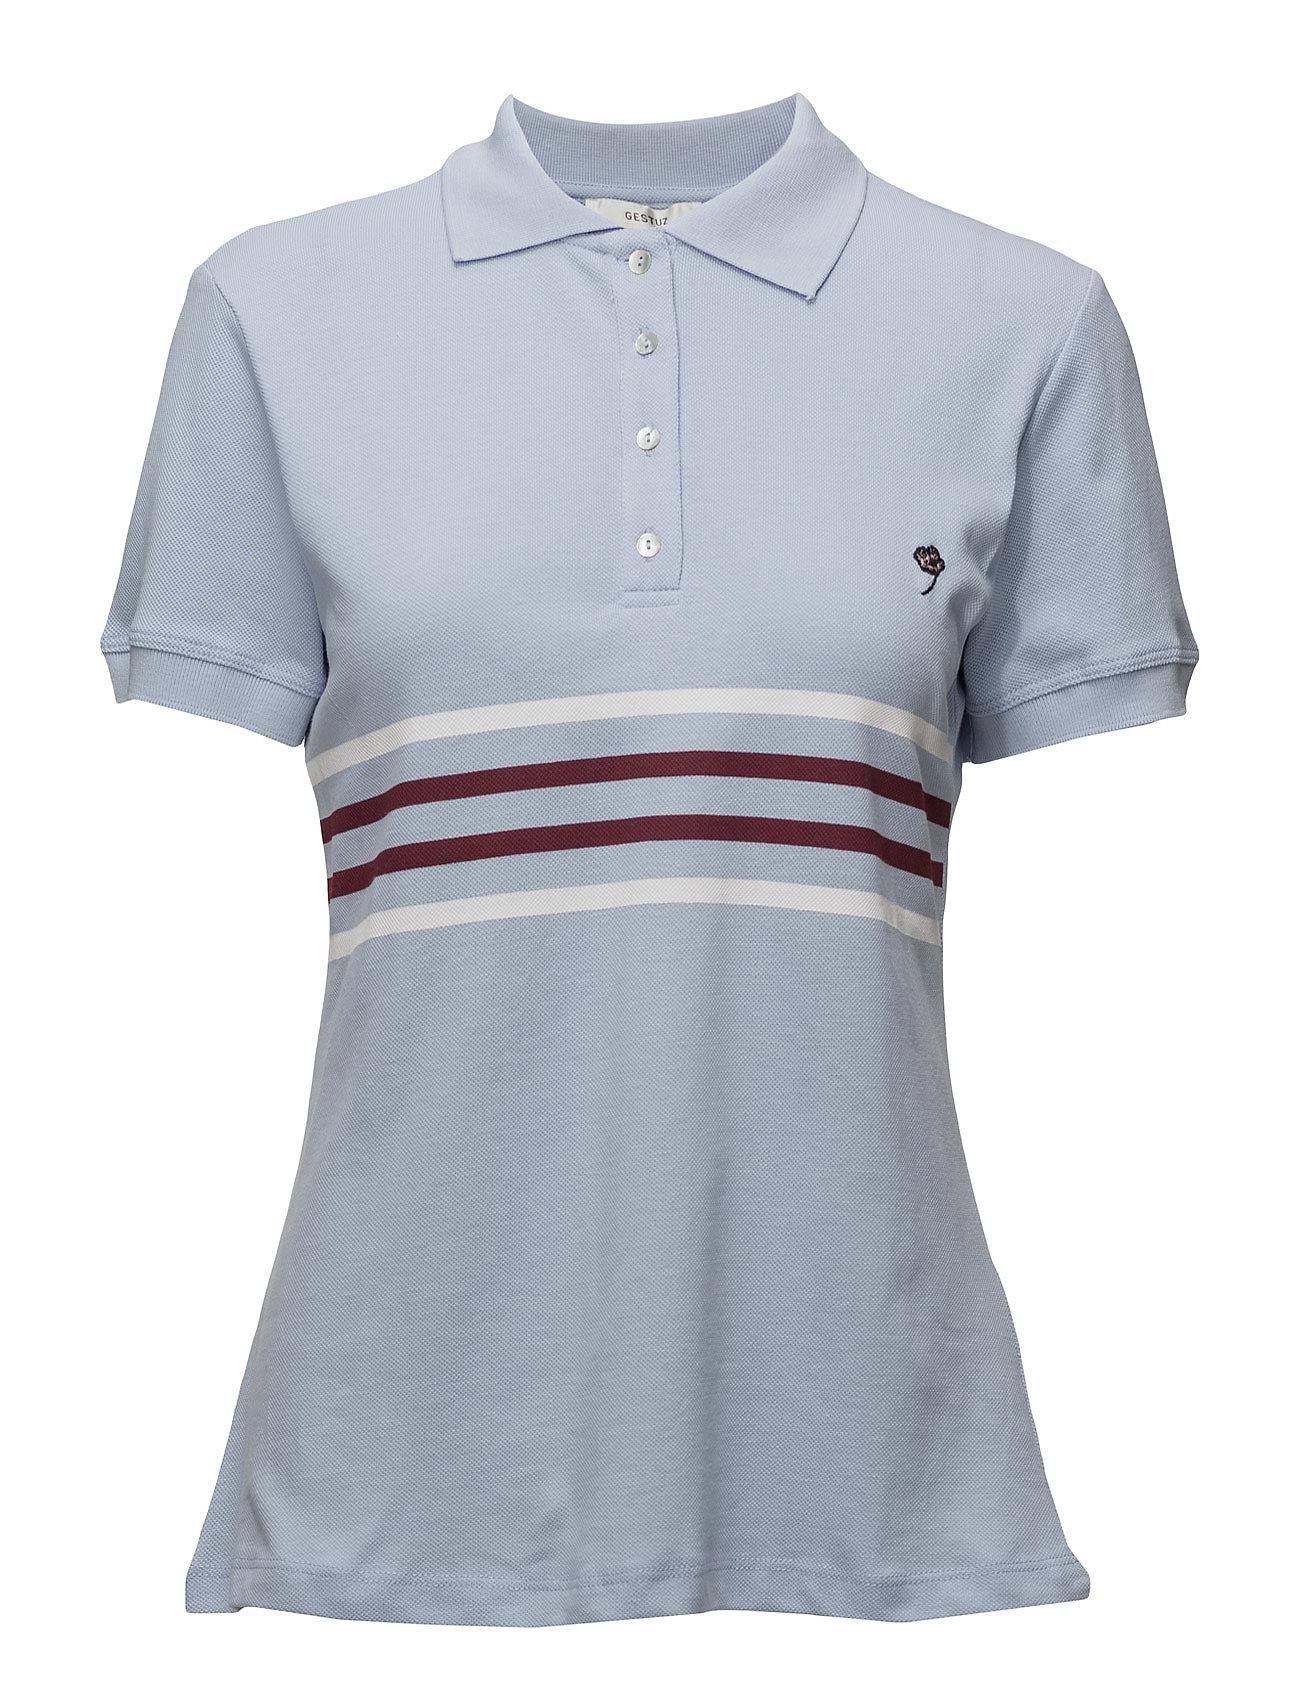 BjˆRk Ss Top Ao17 Gestuz Polo t-shirts til Damer i Kentucky Blå